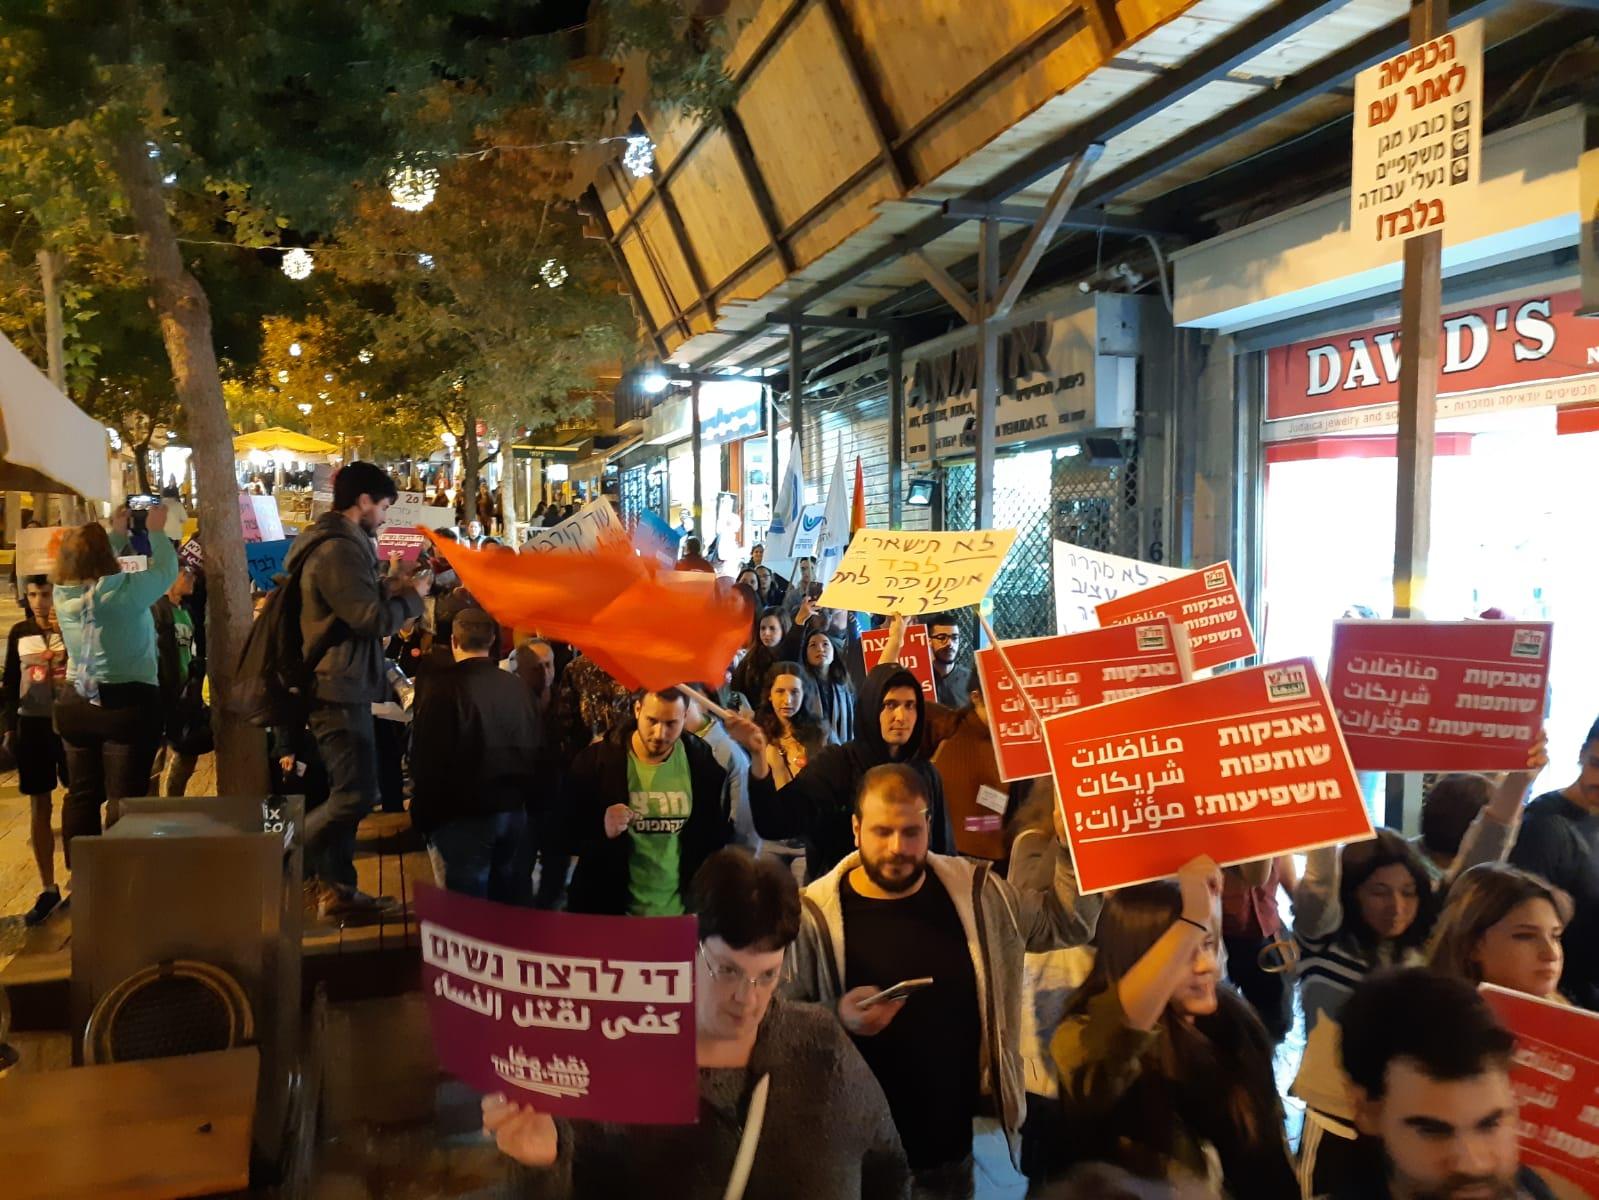 צעדה - יום המאבק נגד אלימות כלפי נשים 2019 (צילום: לוטם)